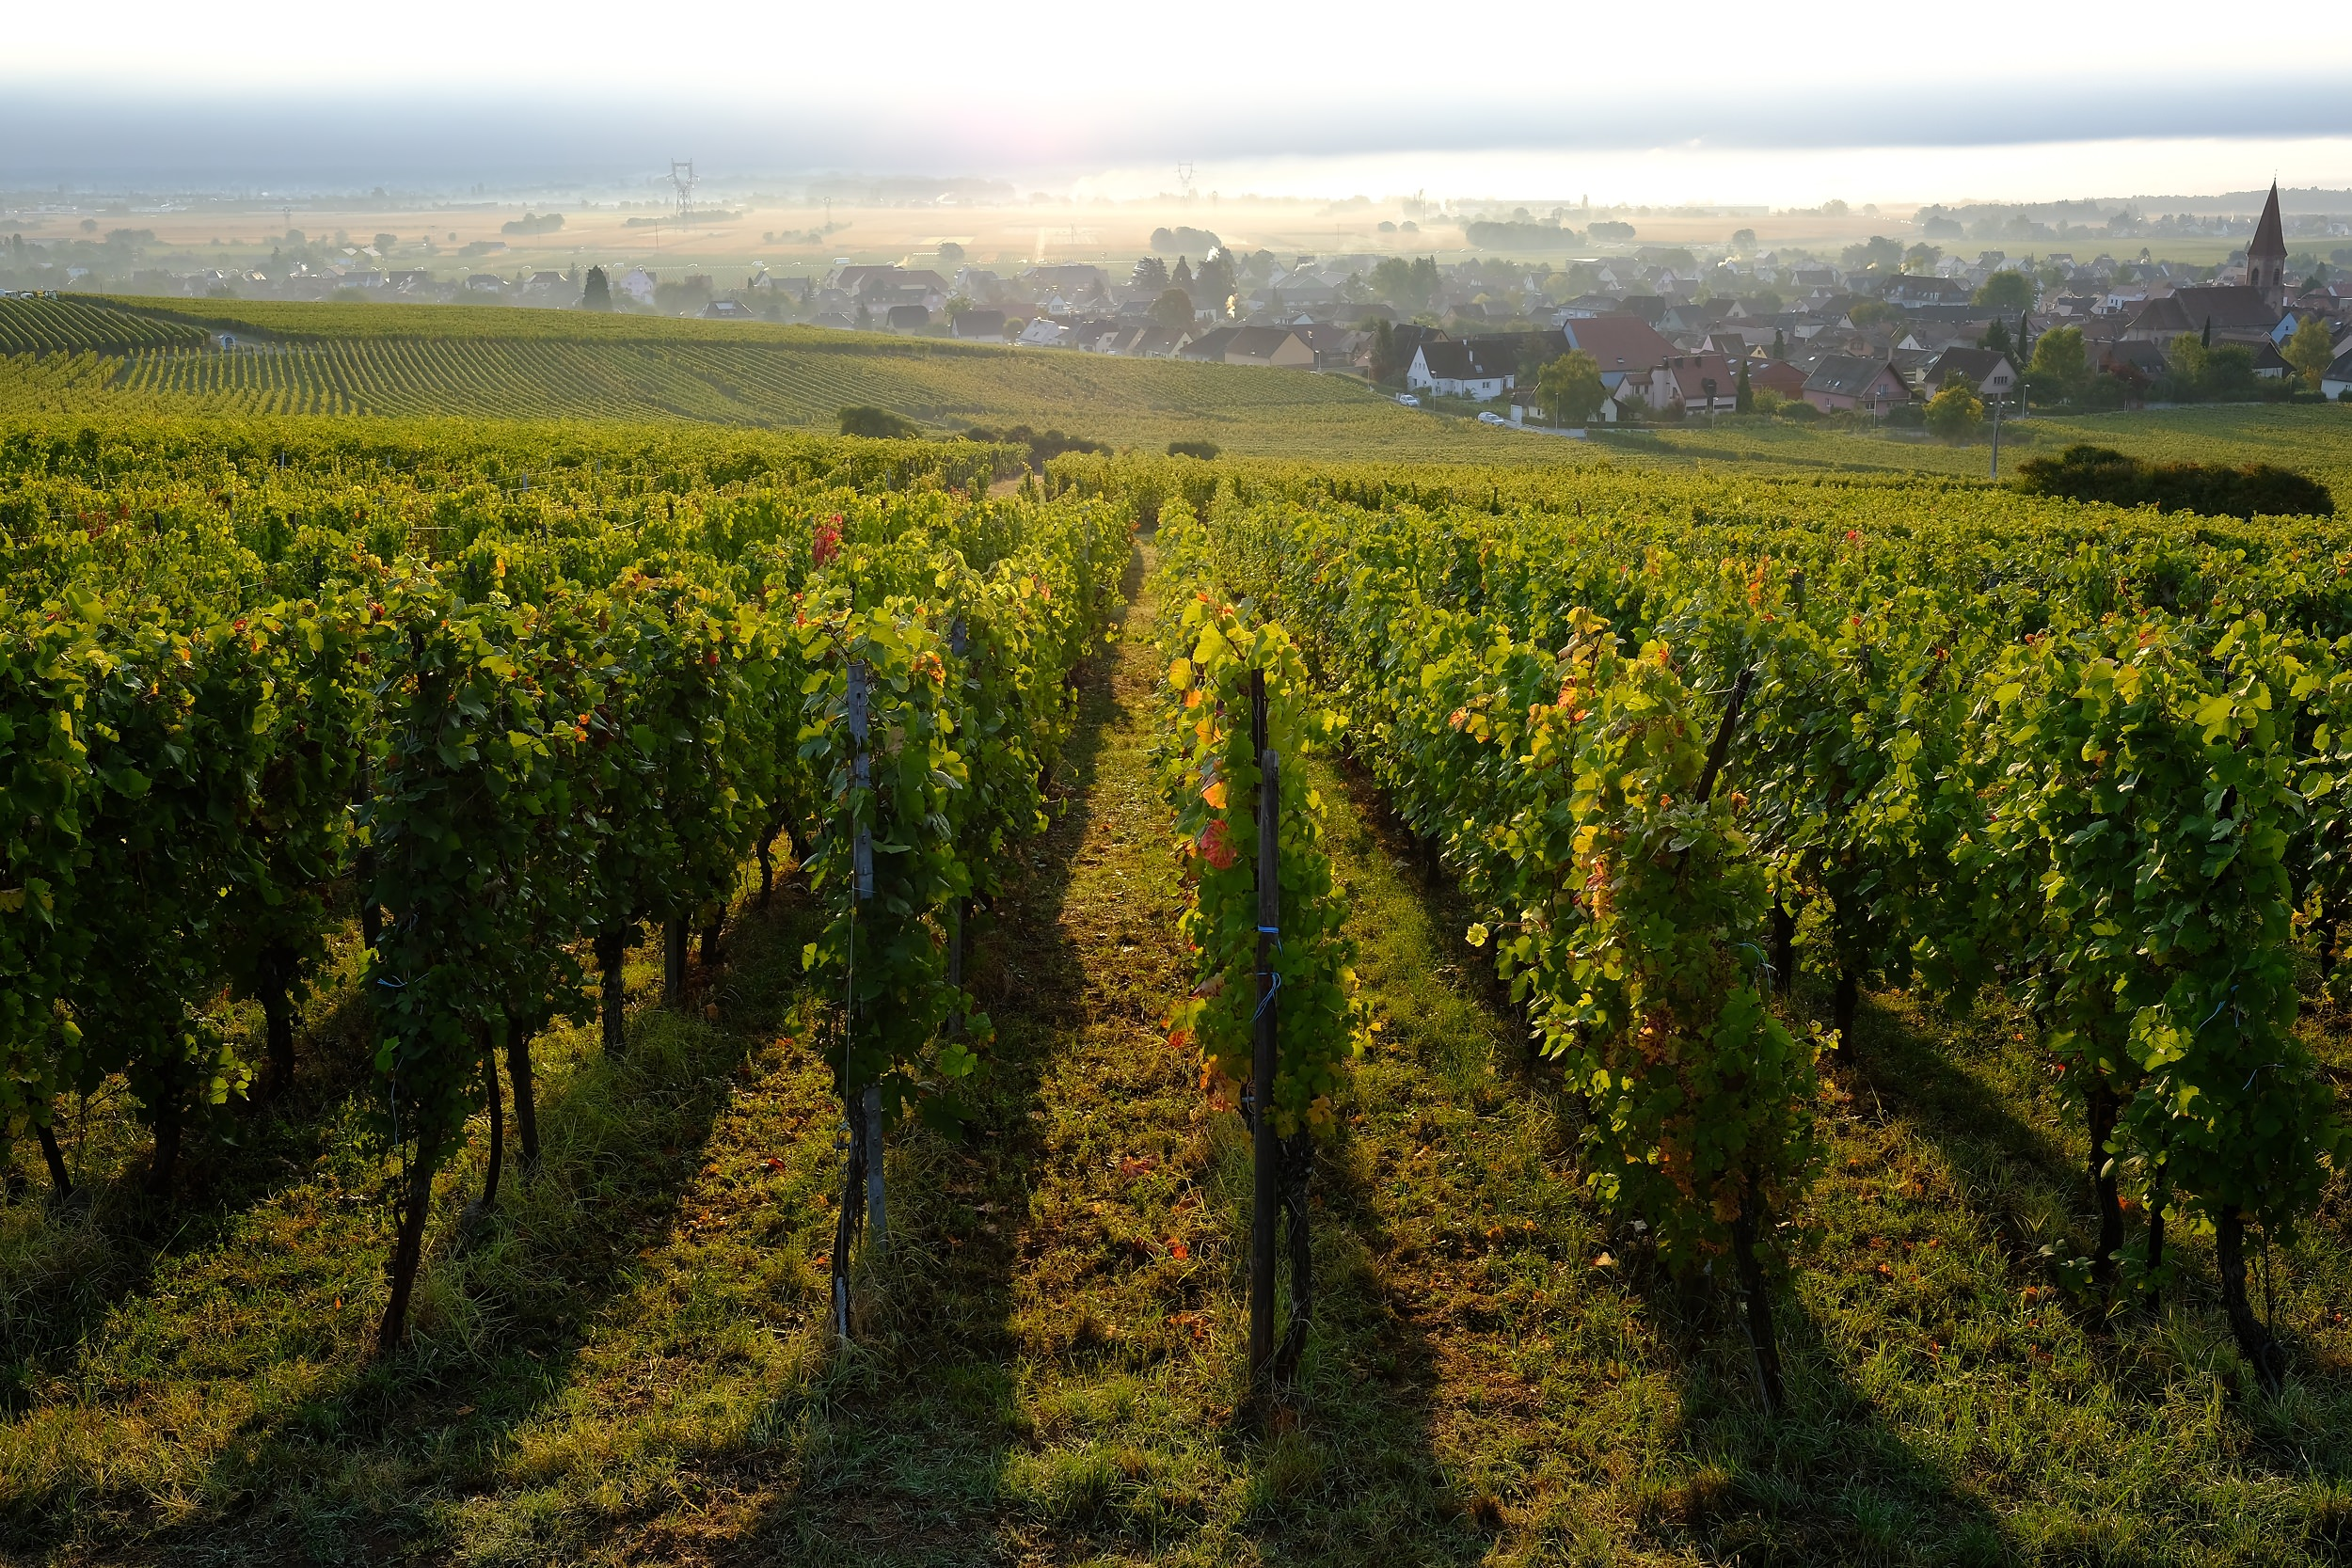 fotoreportage-wijn produceren-Vignoble des 2 lunes-Bosman Wijnkopers-454.jpg